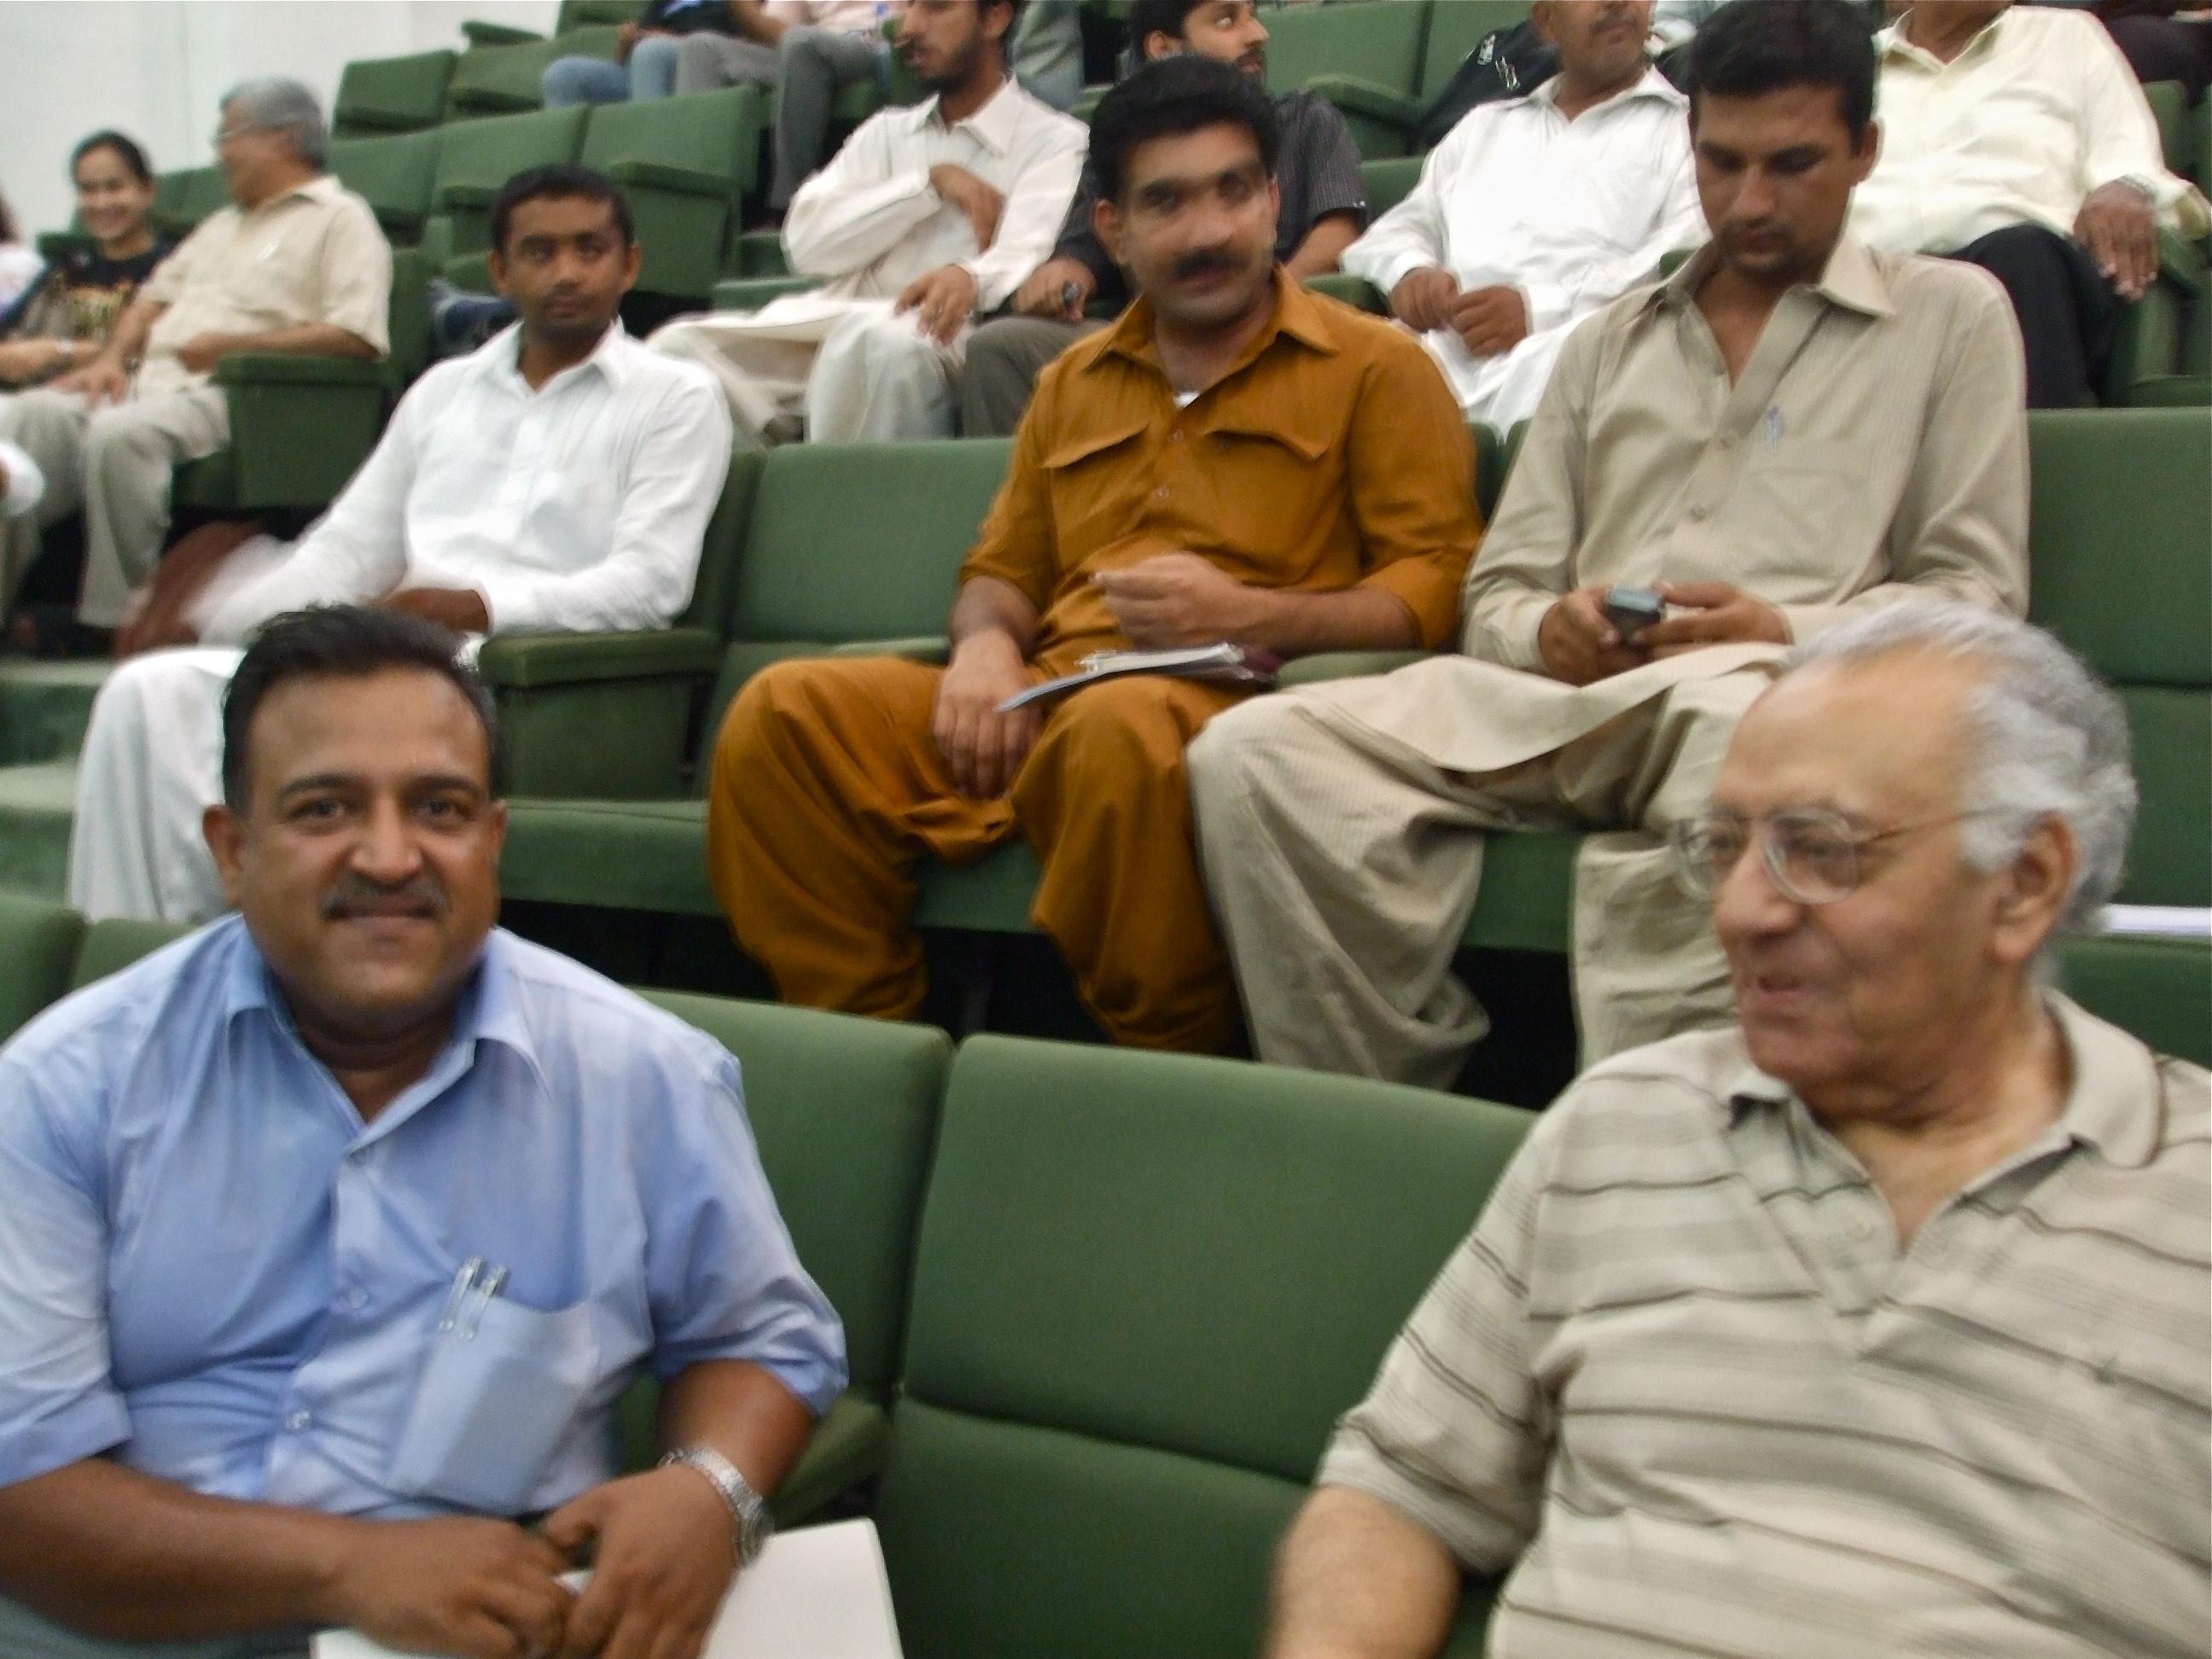 Dr Farrukh Gulzar & Abid Minto